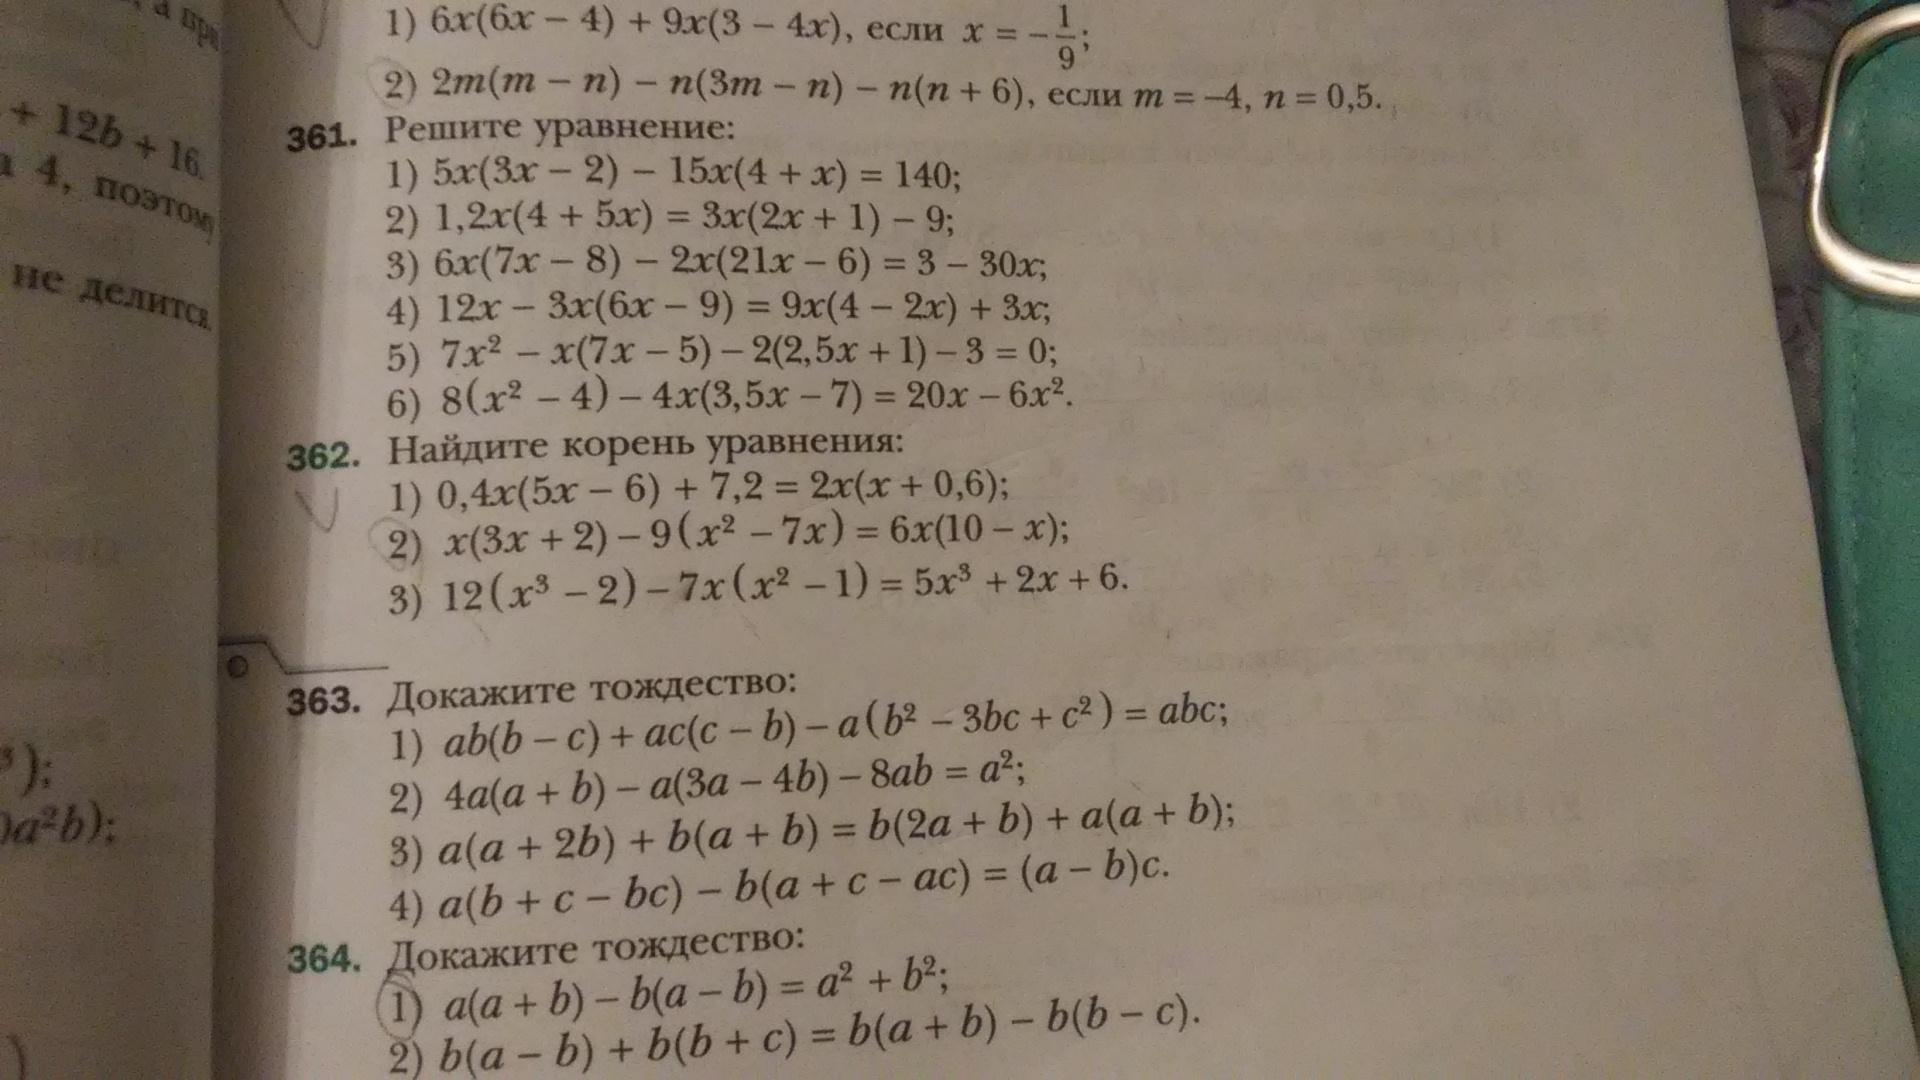 Помогите решить номера 360 (2) 362 (2) 364(1)